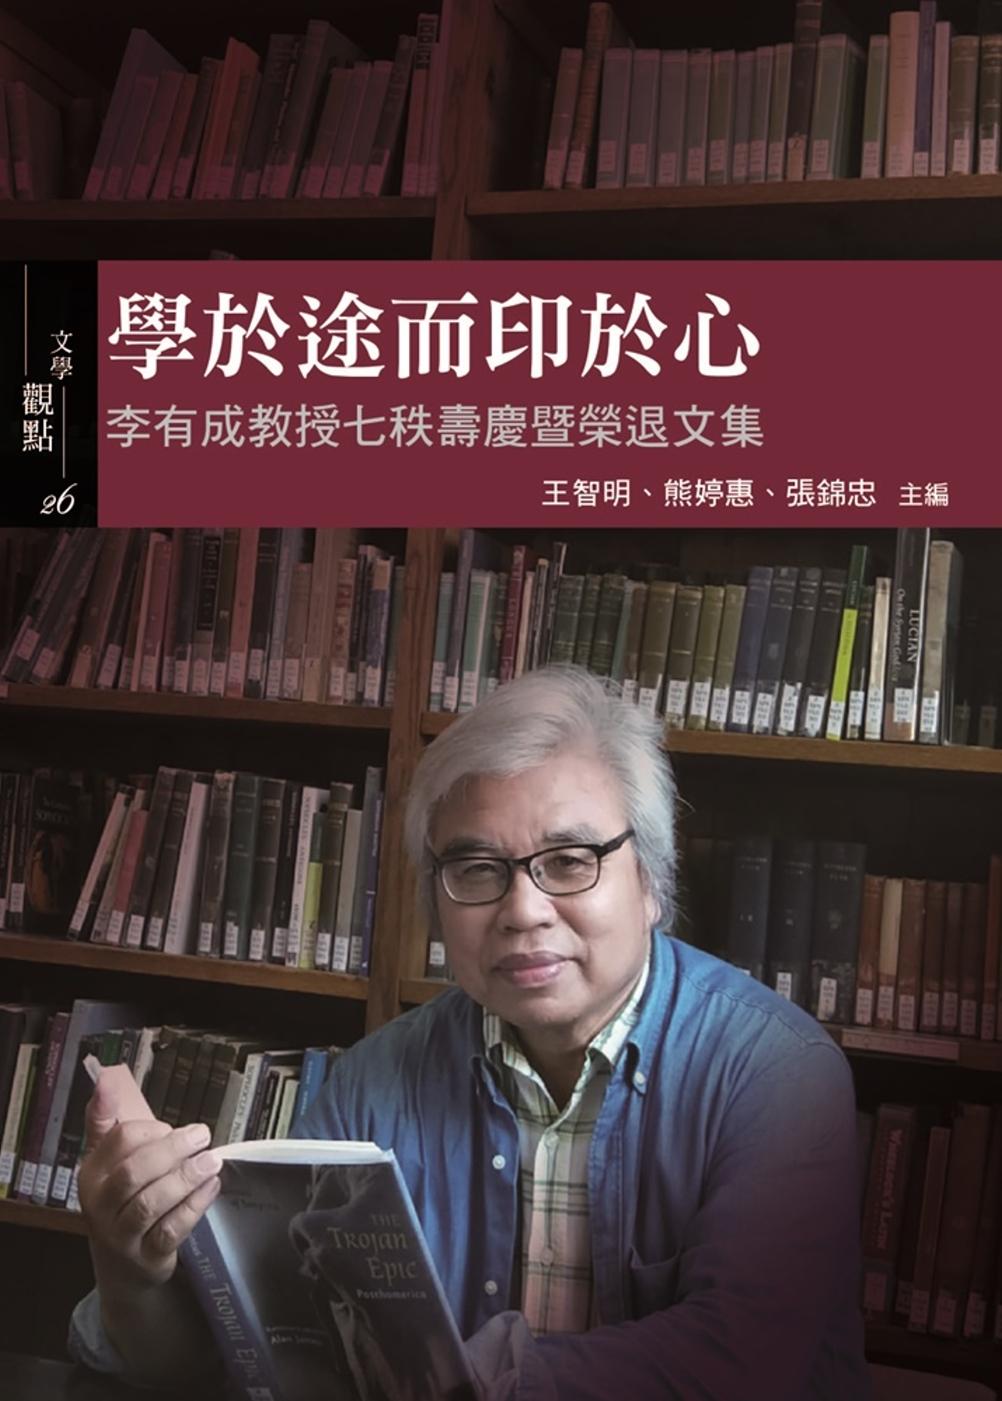 學於途而印於心:李有成教授七秩壽慶暨榮退文集